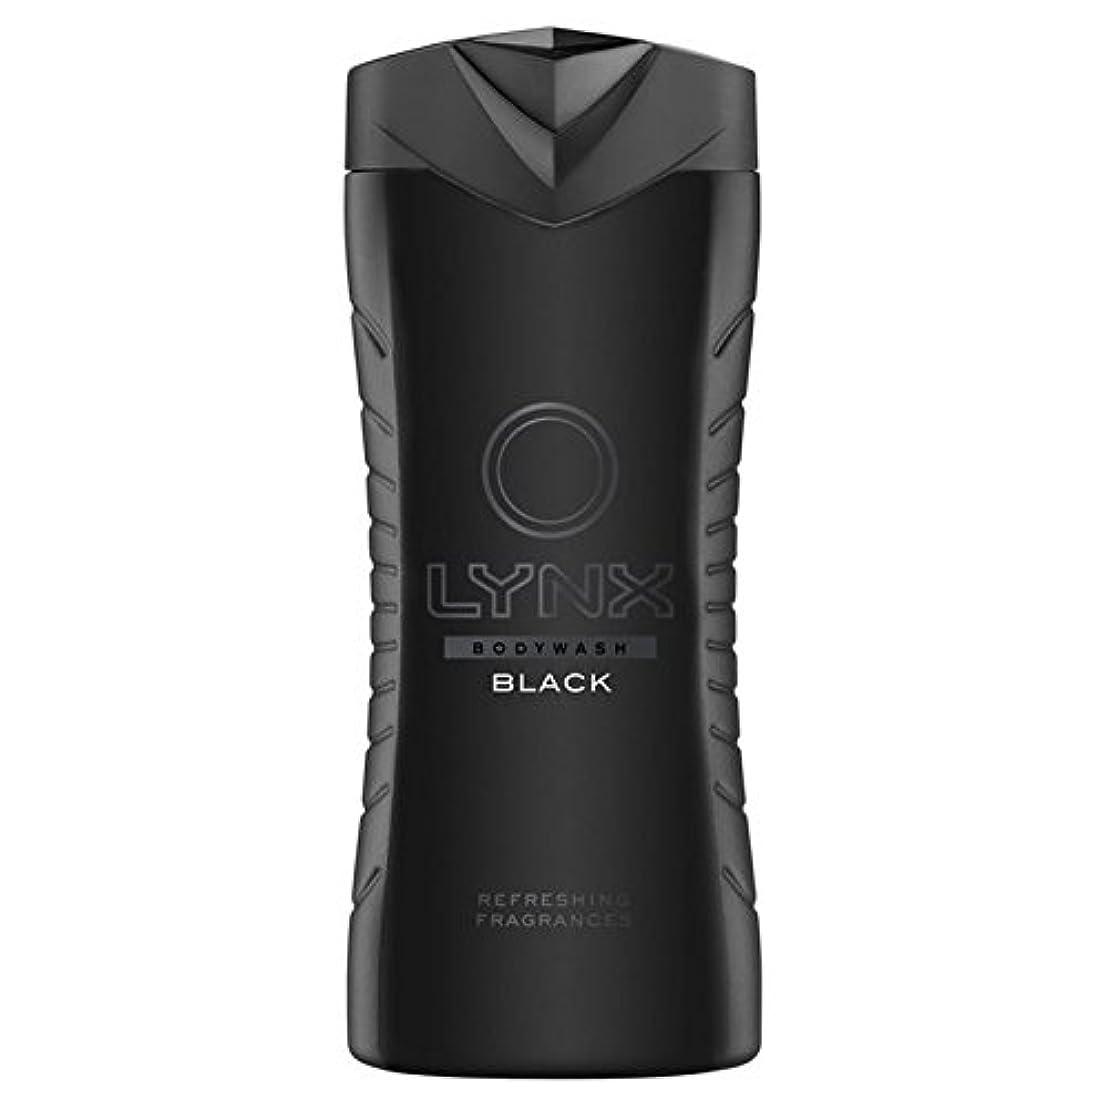 外観定刻累積オオヤマネコブラックシャワージェル400ミリリットル x4 - Lynx Black Shower Gel 400ml (Pack of 4) [並行輸入品]